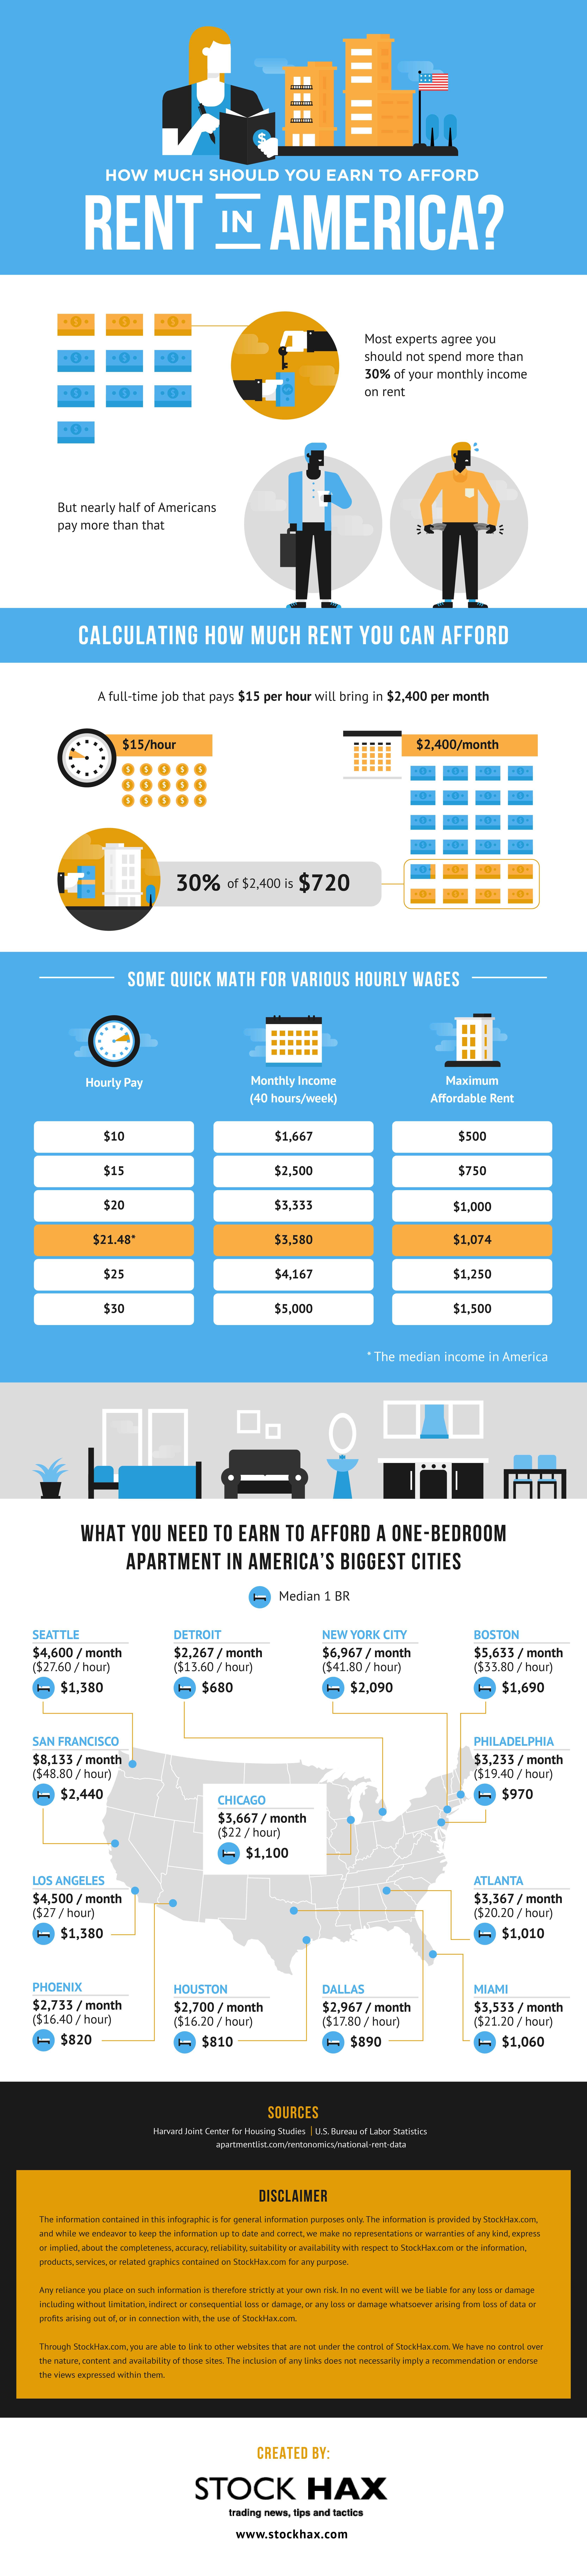 Rent in America